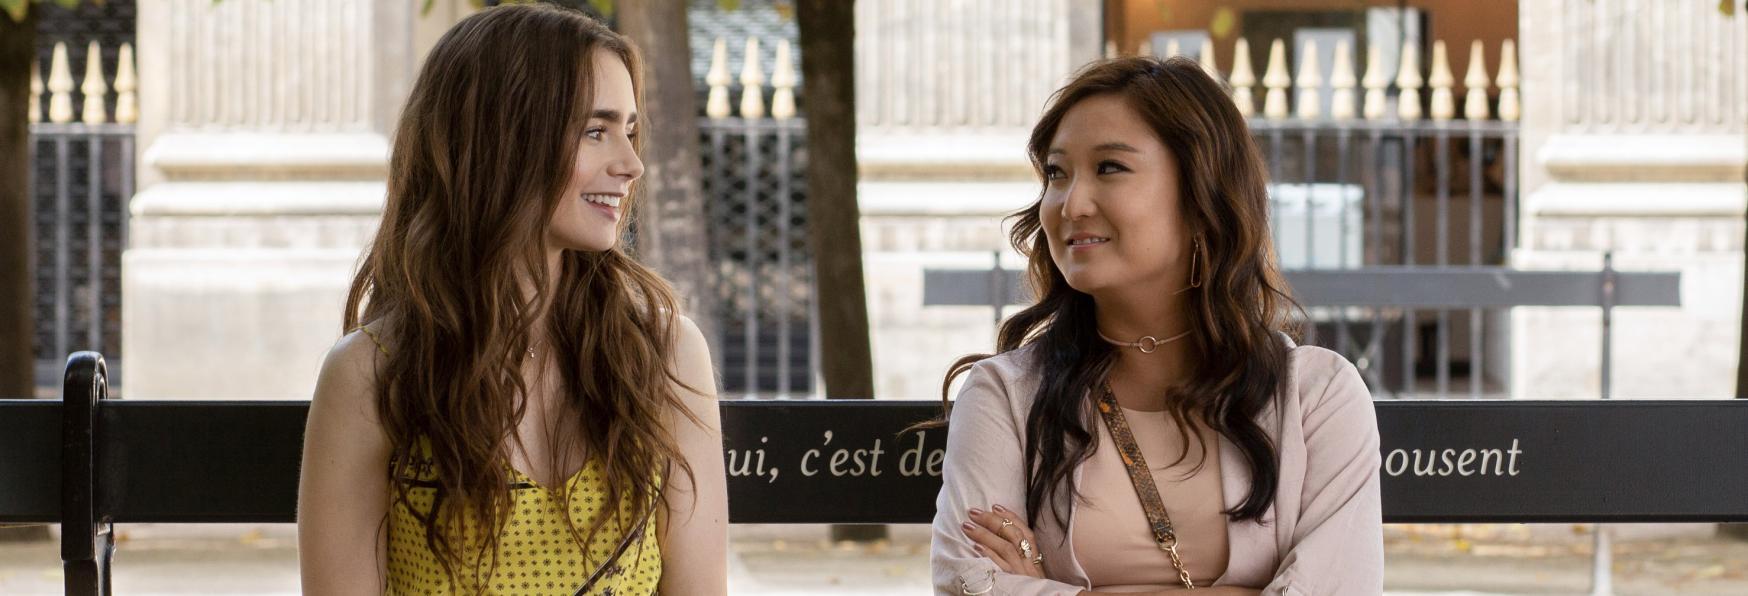 Emily in Paris: il Trailer svela la Data di Uscita della nuova Serie TV Netflix